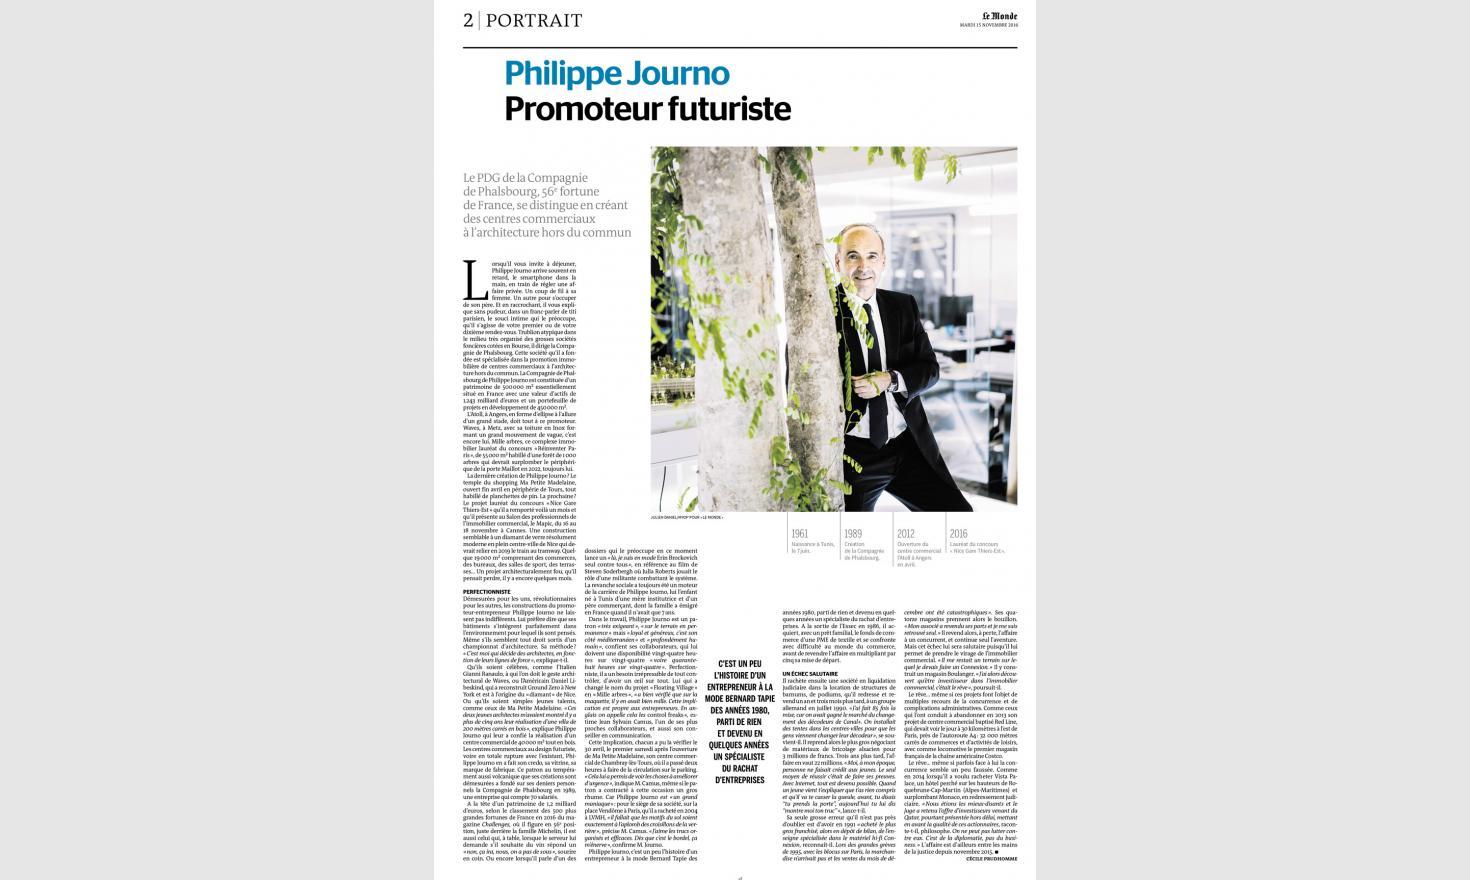 Le Monde. Philippe Journo